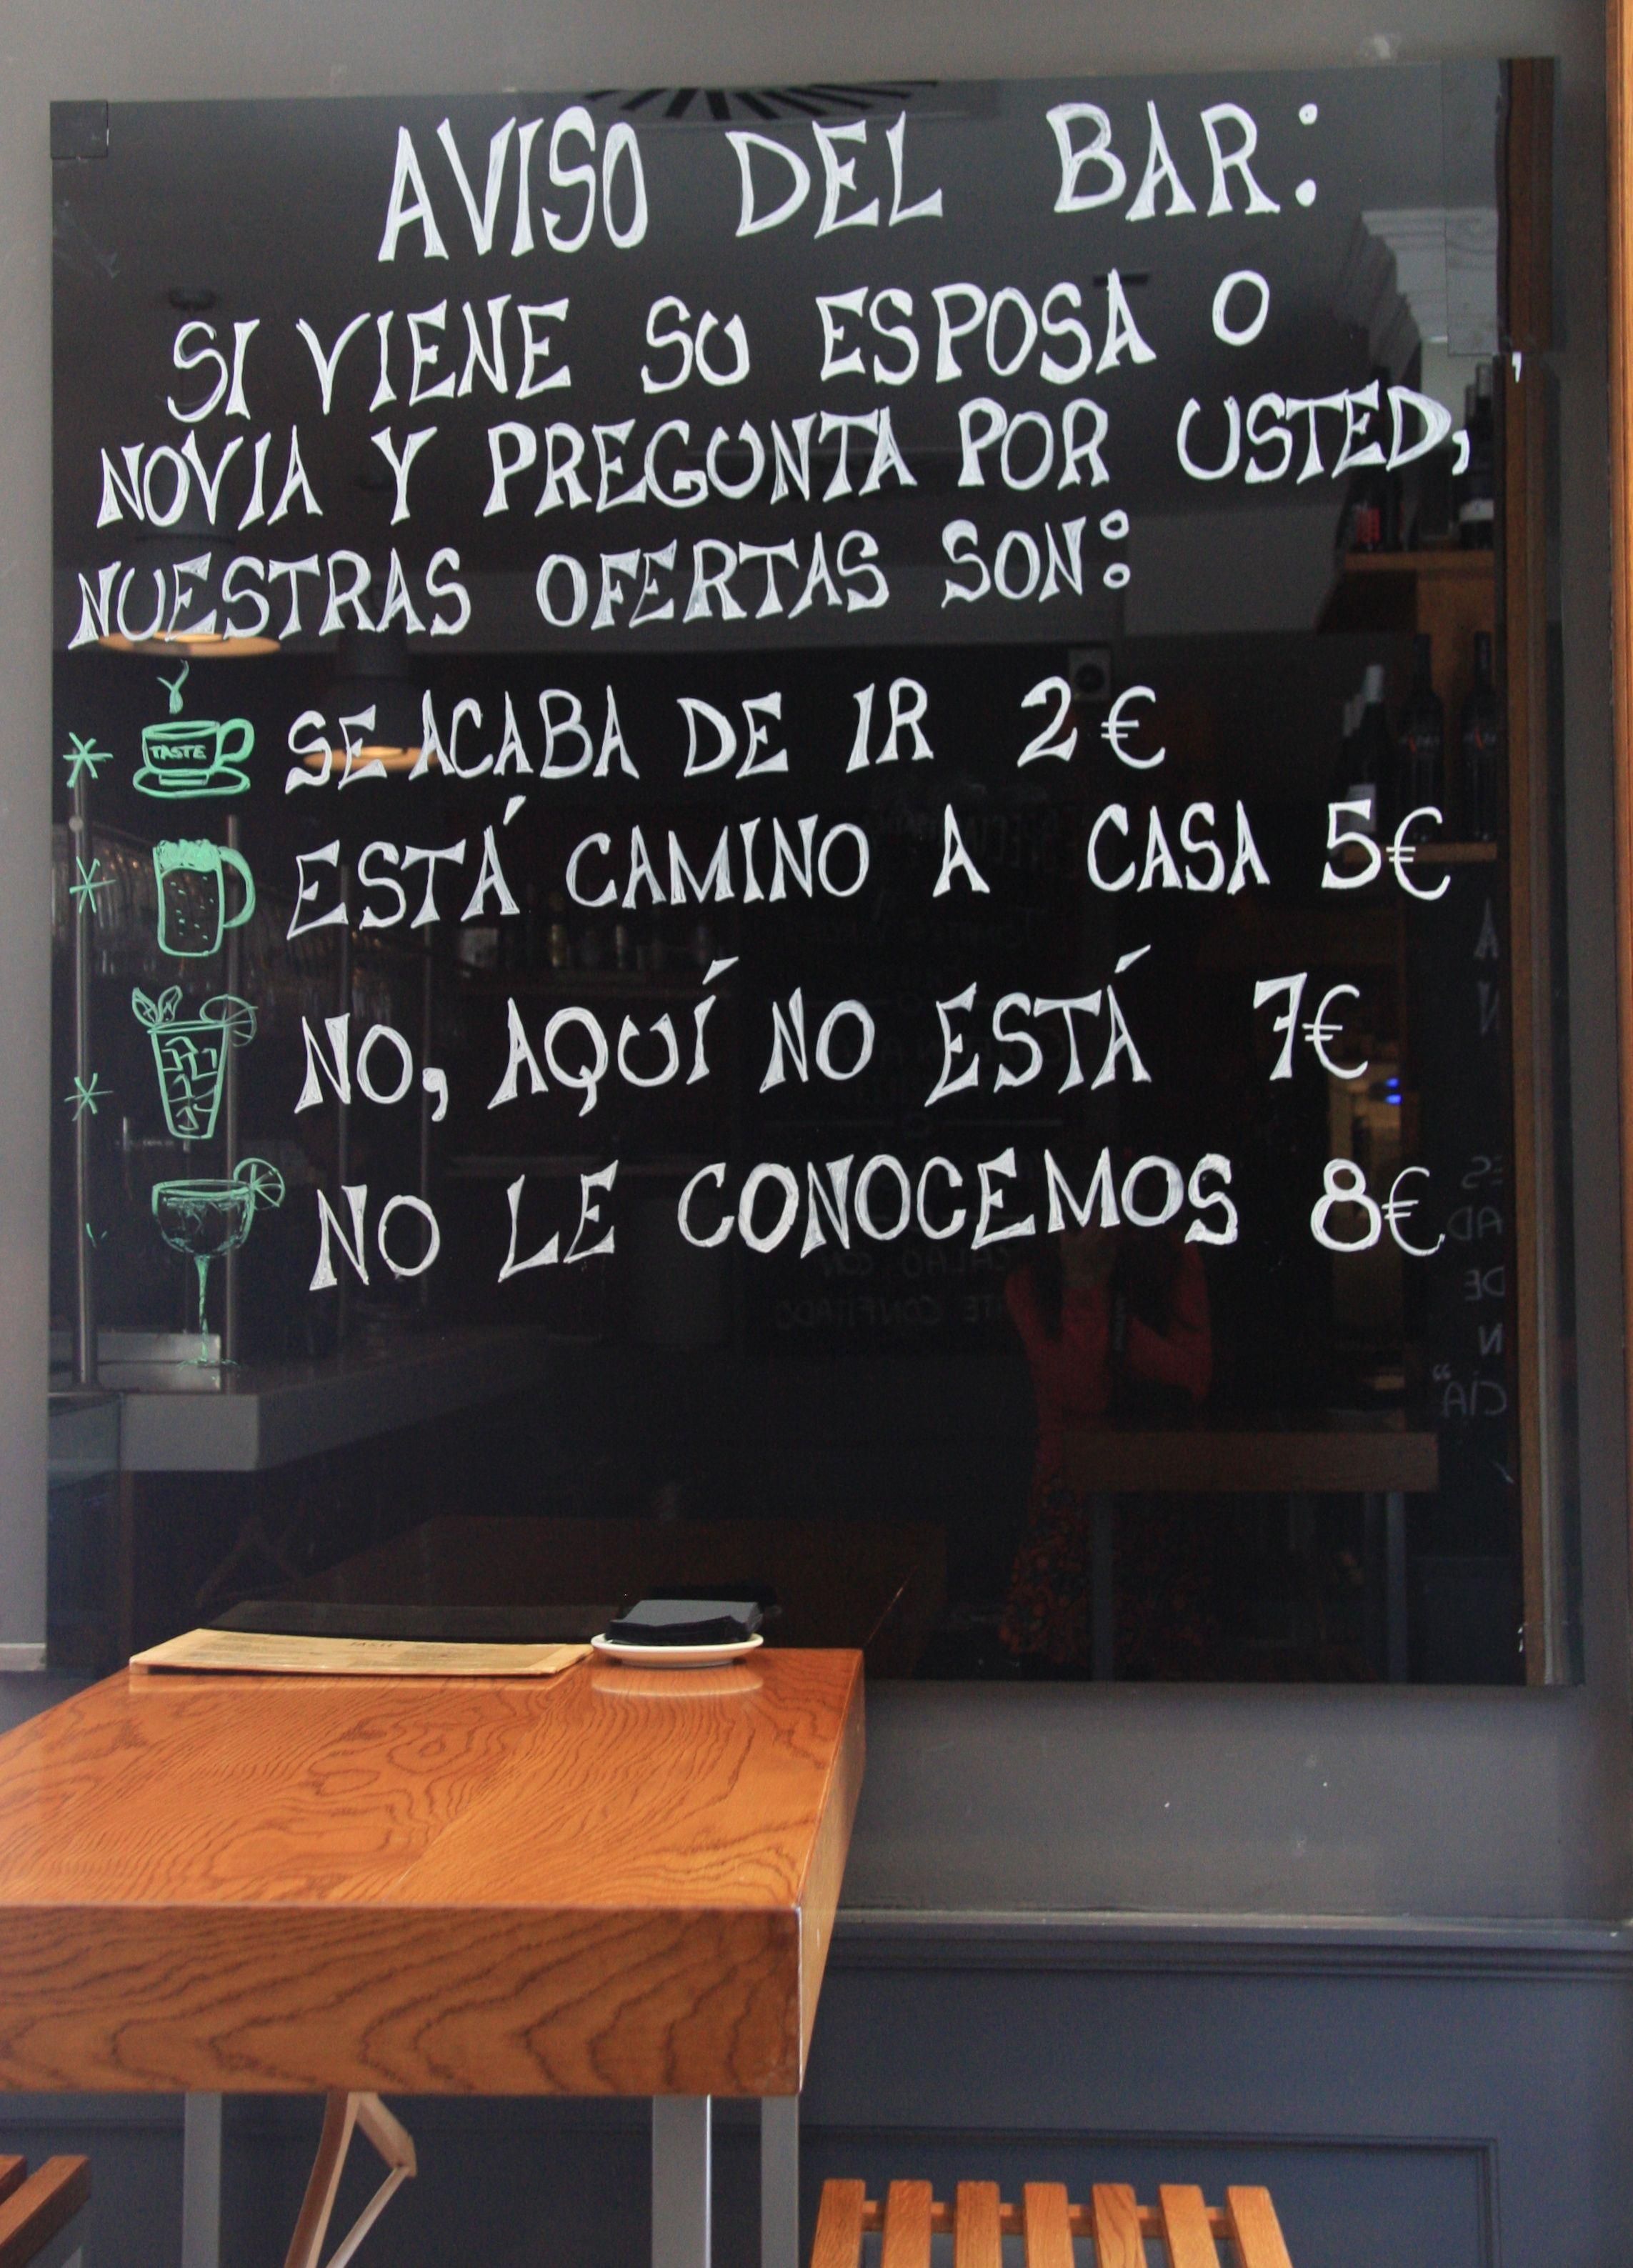 Pizarras decorativas salpican nuestro bar inform ndote de ofertas u ofreci ndote mensajes - Pizarras de bar ...